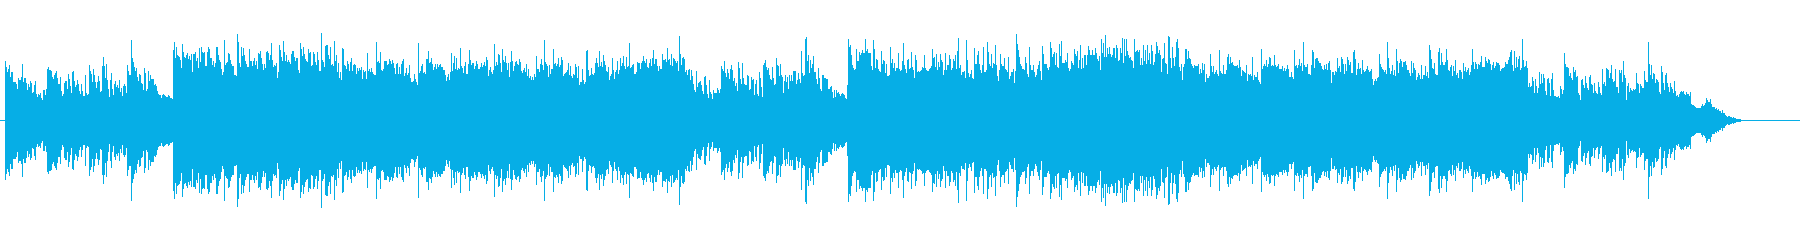 幻想的な5拍子のエレクトロの再生済みの波形